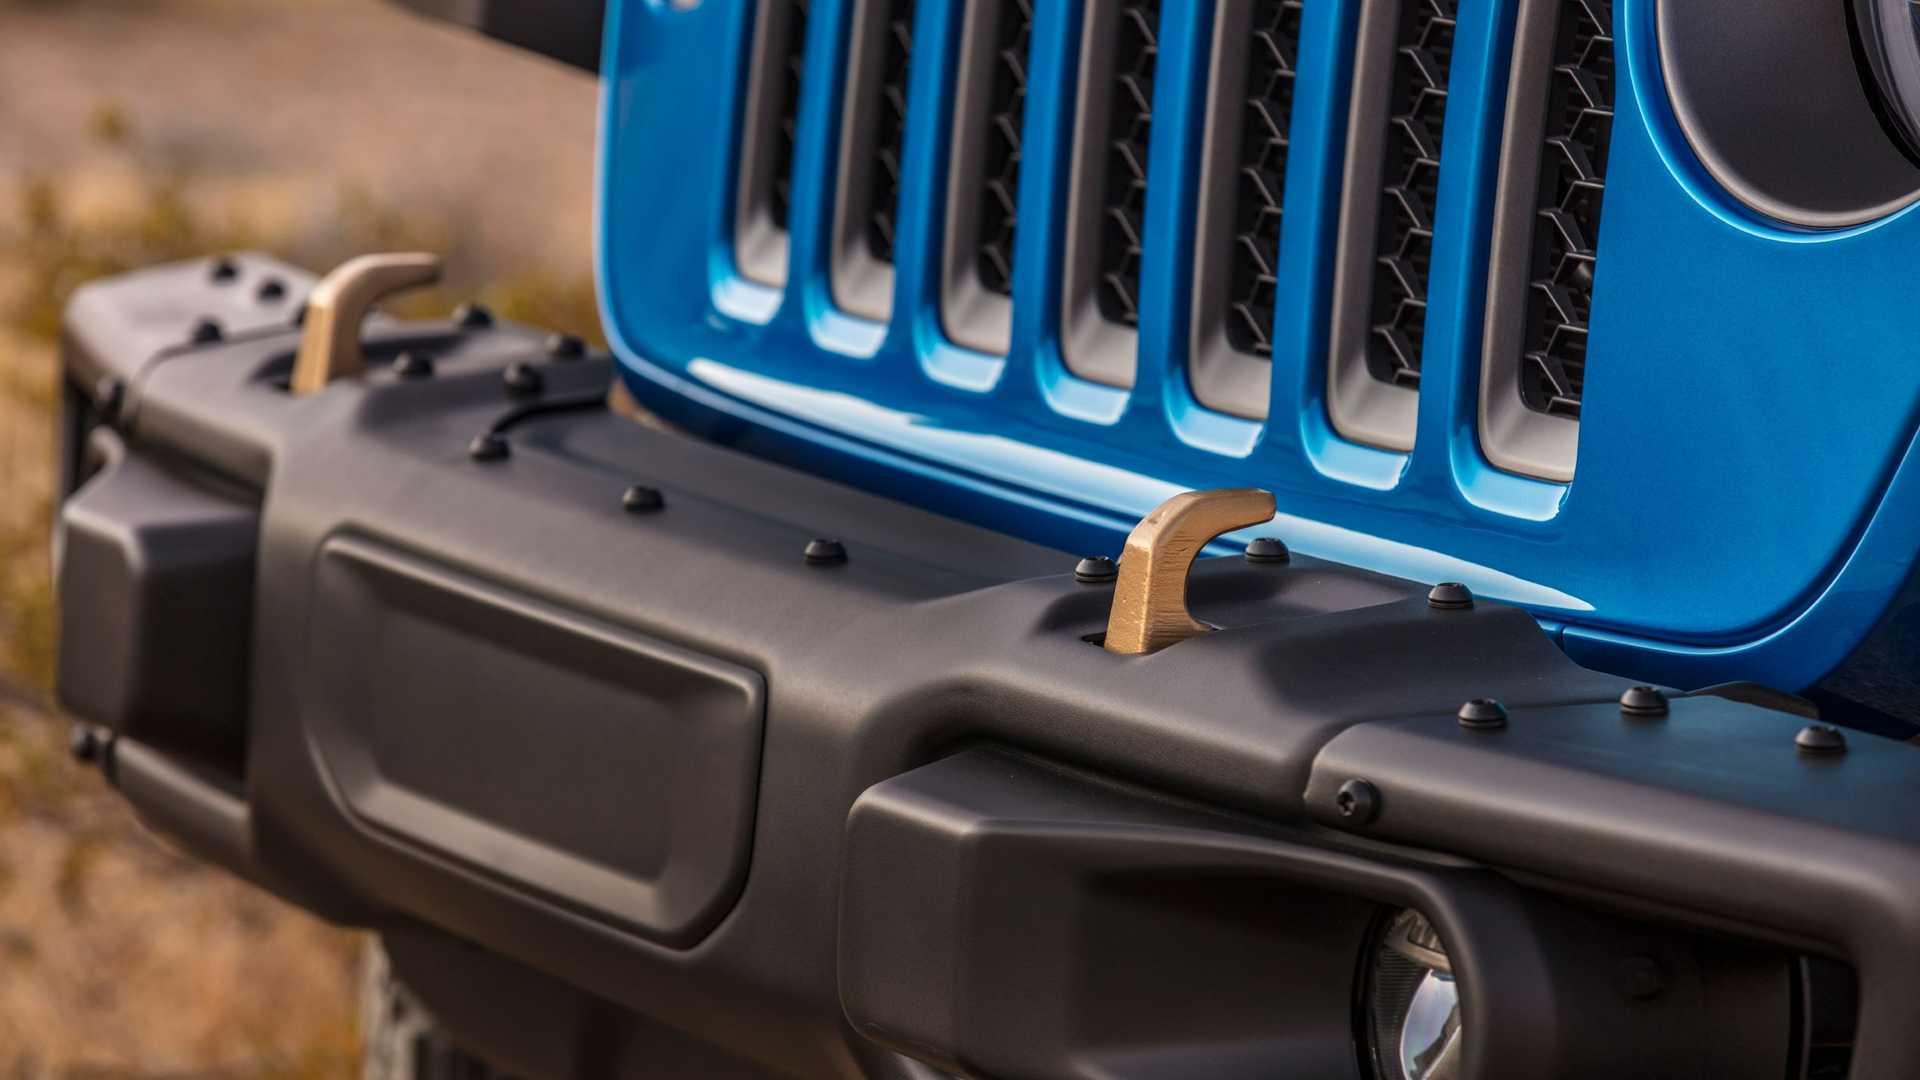 2021-jeep-wrangler-rubicon-392-front-bumper